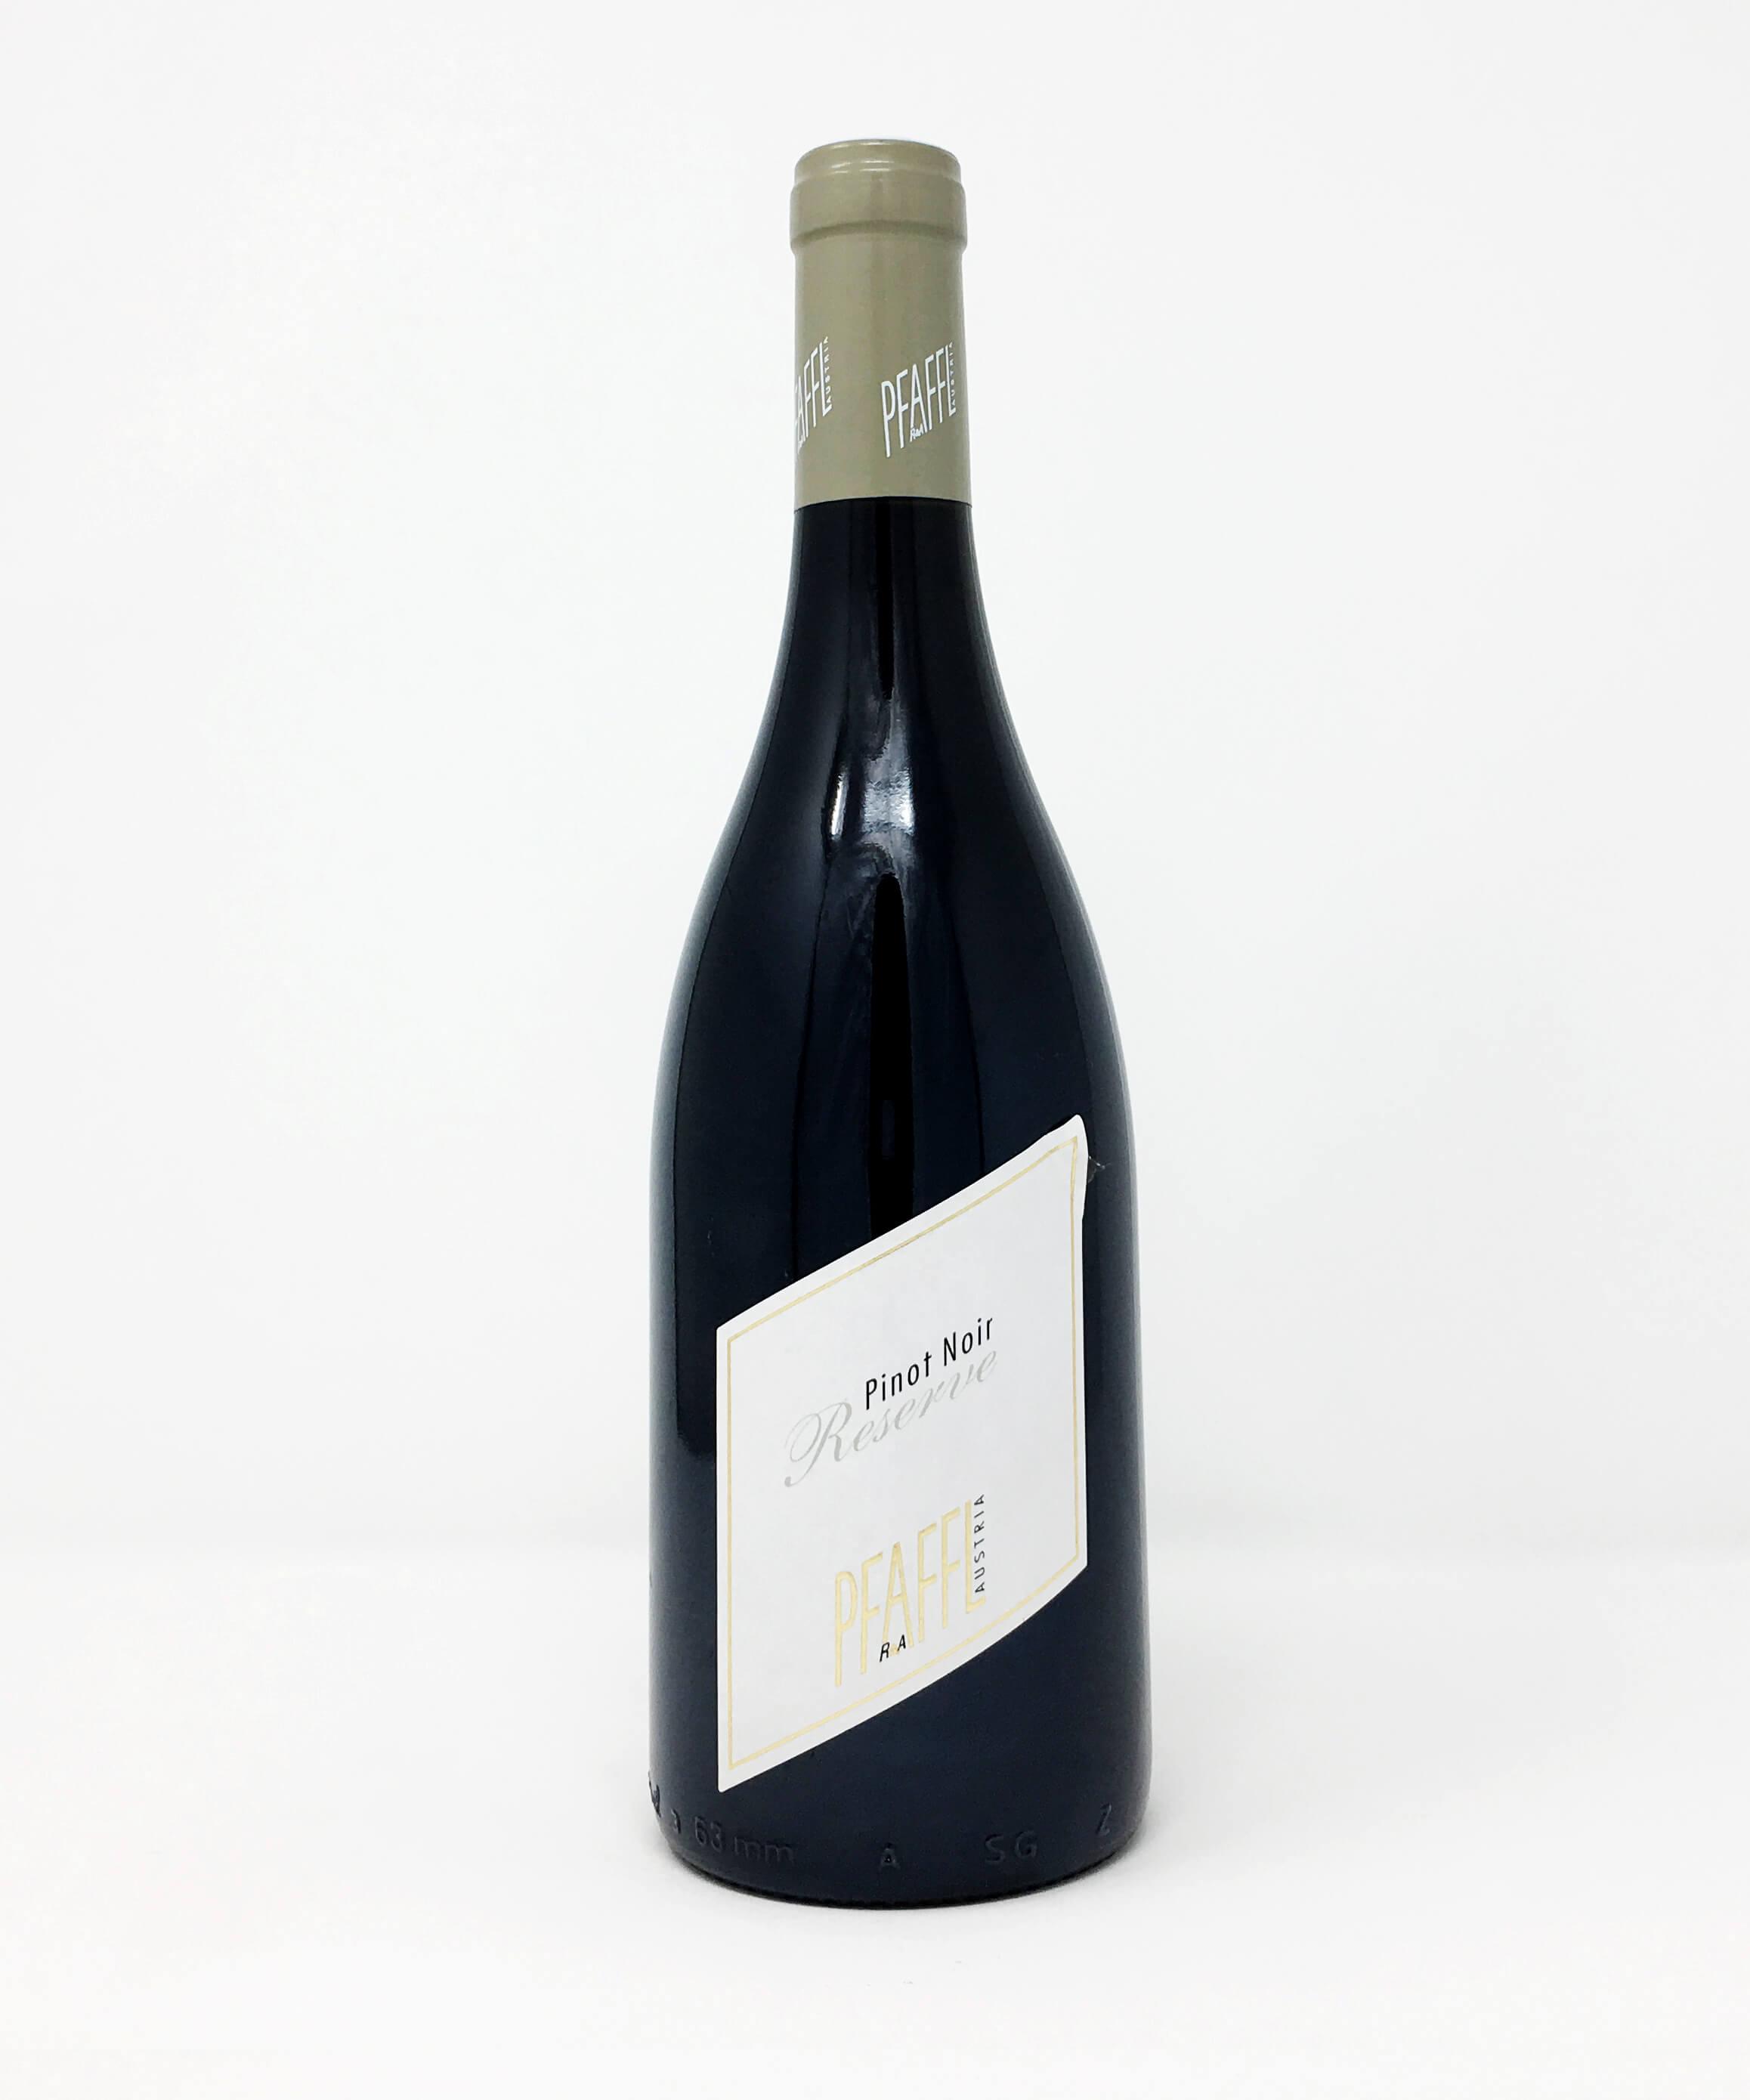 Pffafl Pinot Noir Reserve